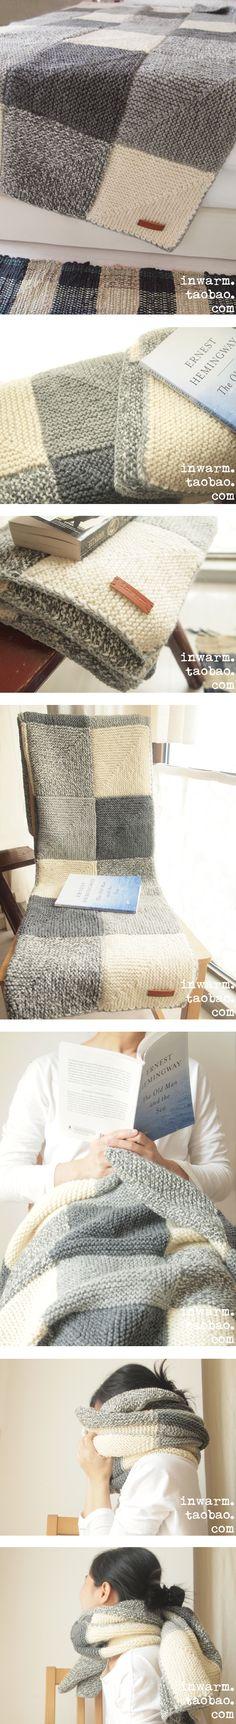 crochet pattern blanket, crochet blankets, knitted blankets squares, knit blanket, afghan, knitted squares blanket, blanket crochet, crochet patterns blanket, knit squares blanket